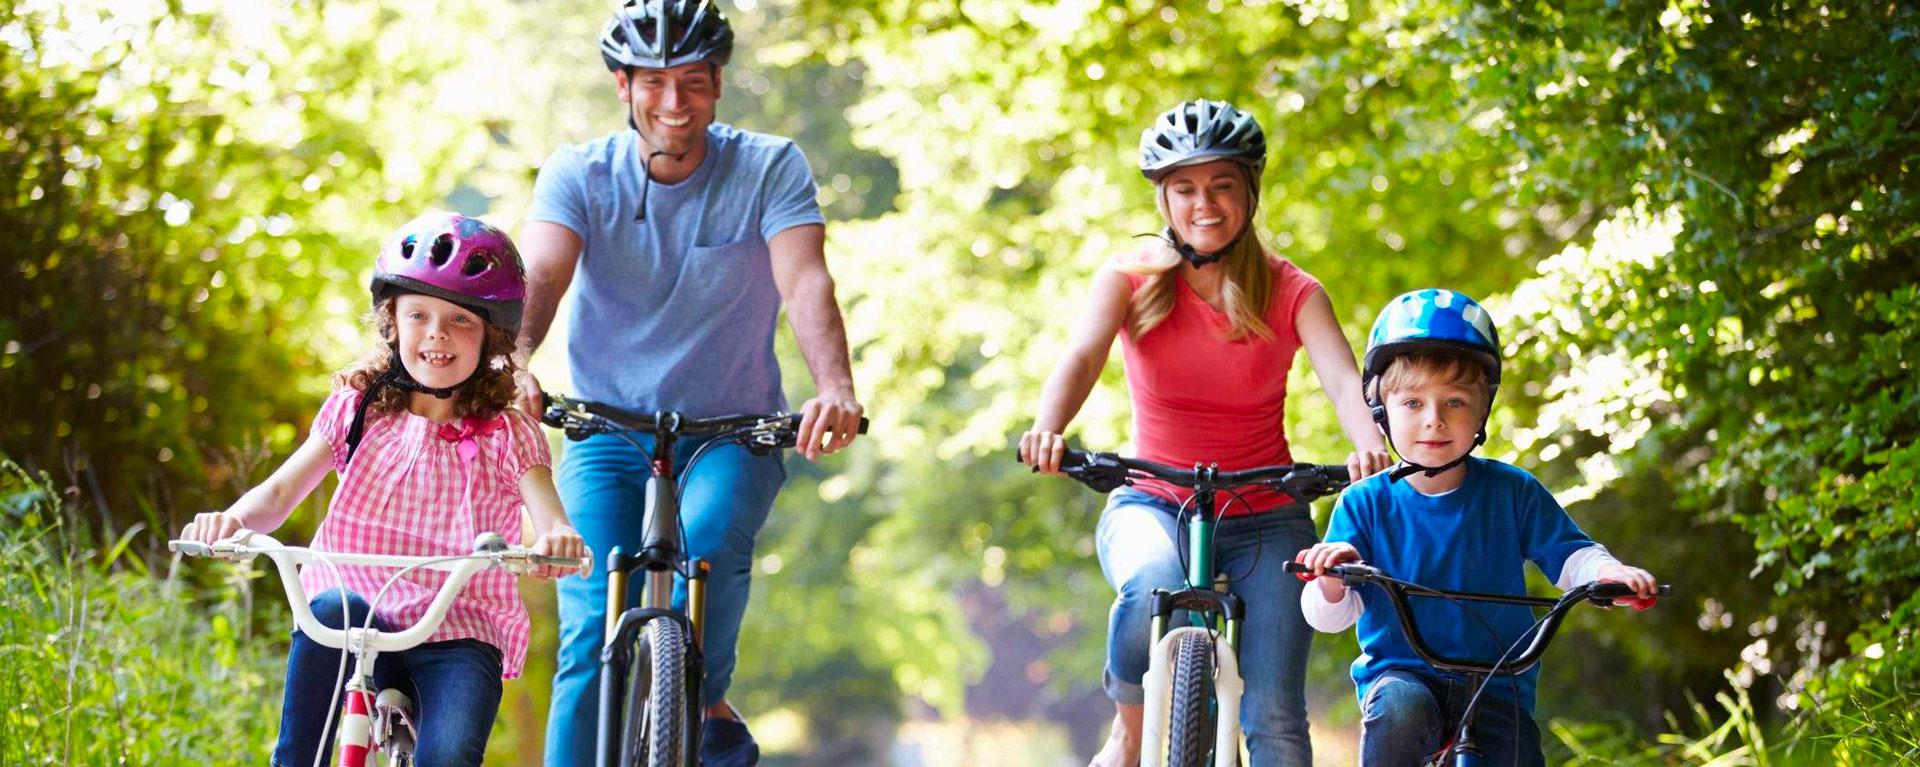 Bicicletta, la salute viene pedalando